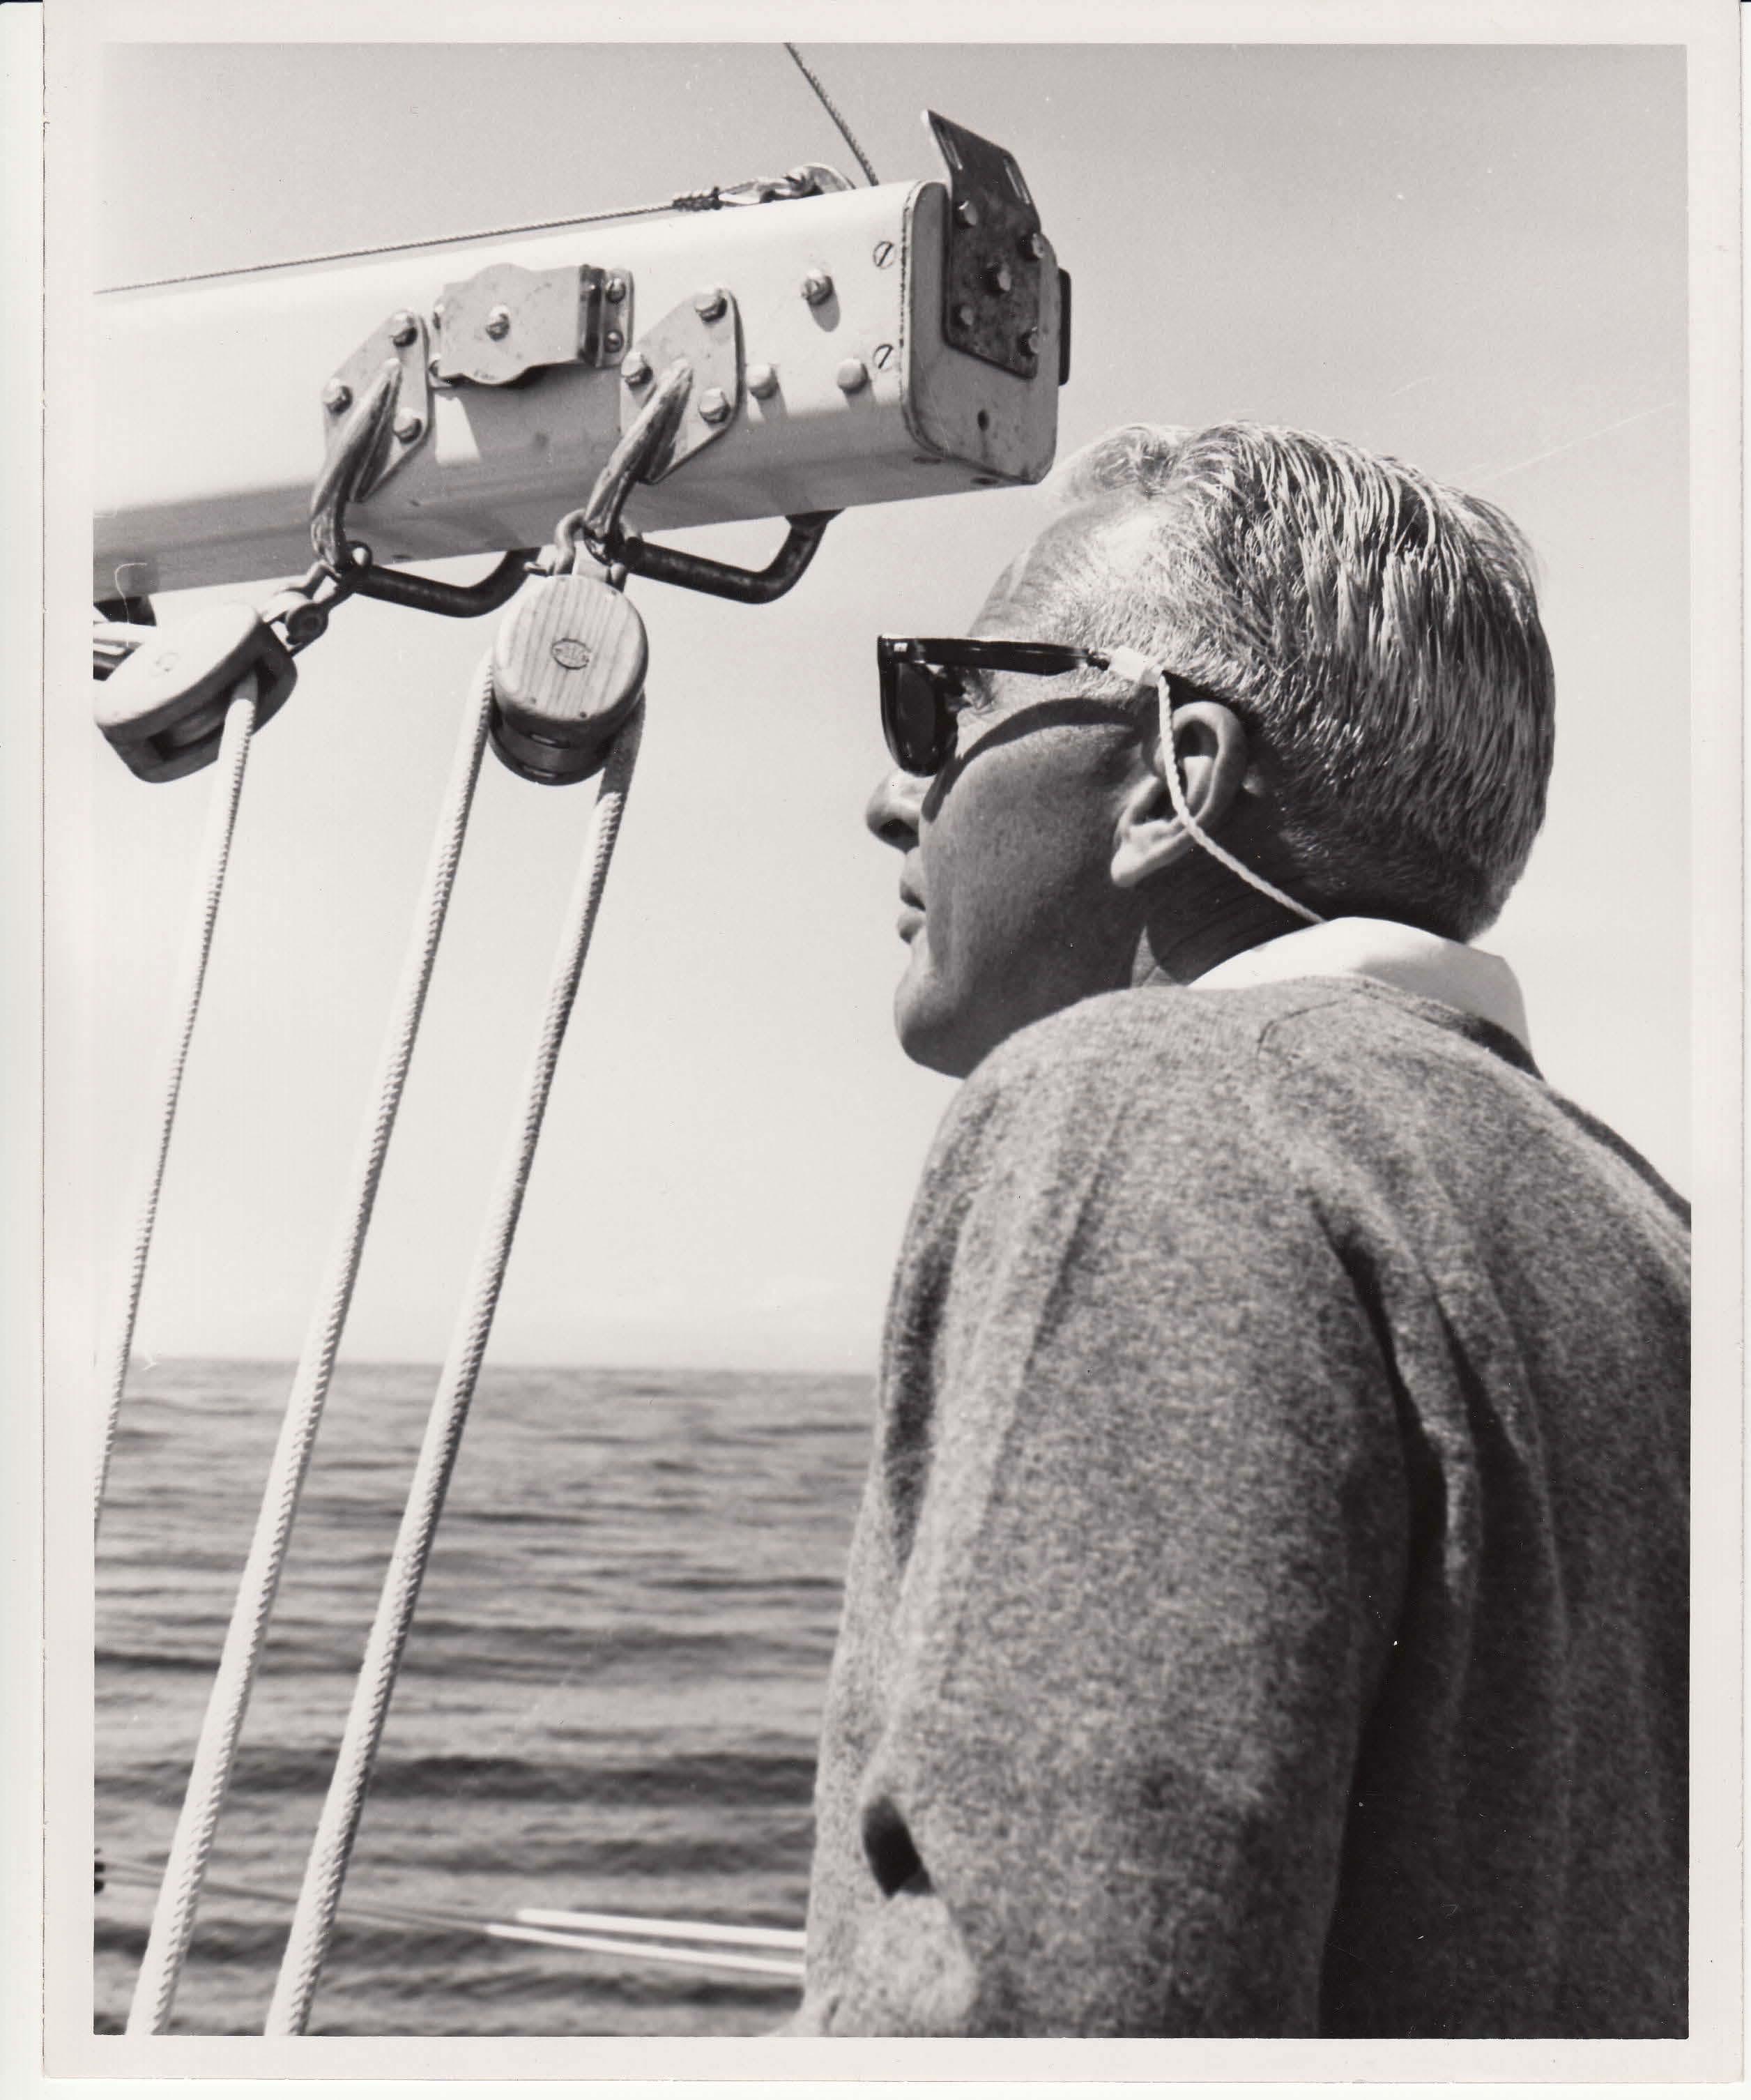 Jim Kilroy - Kialoa - 1960s